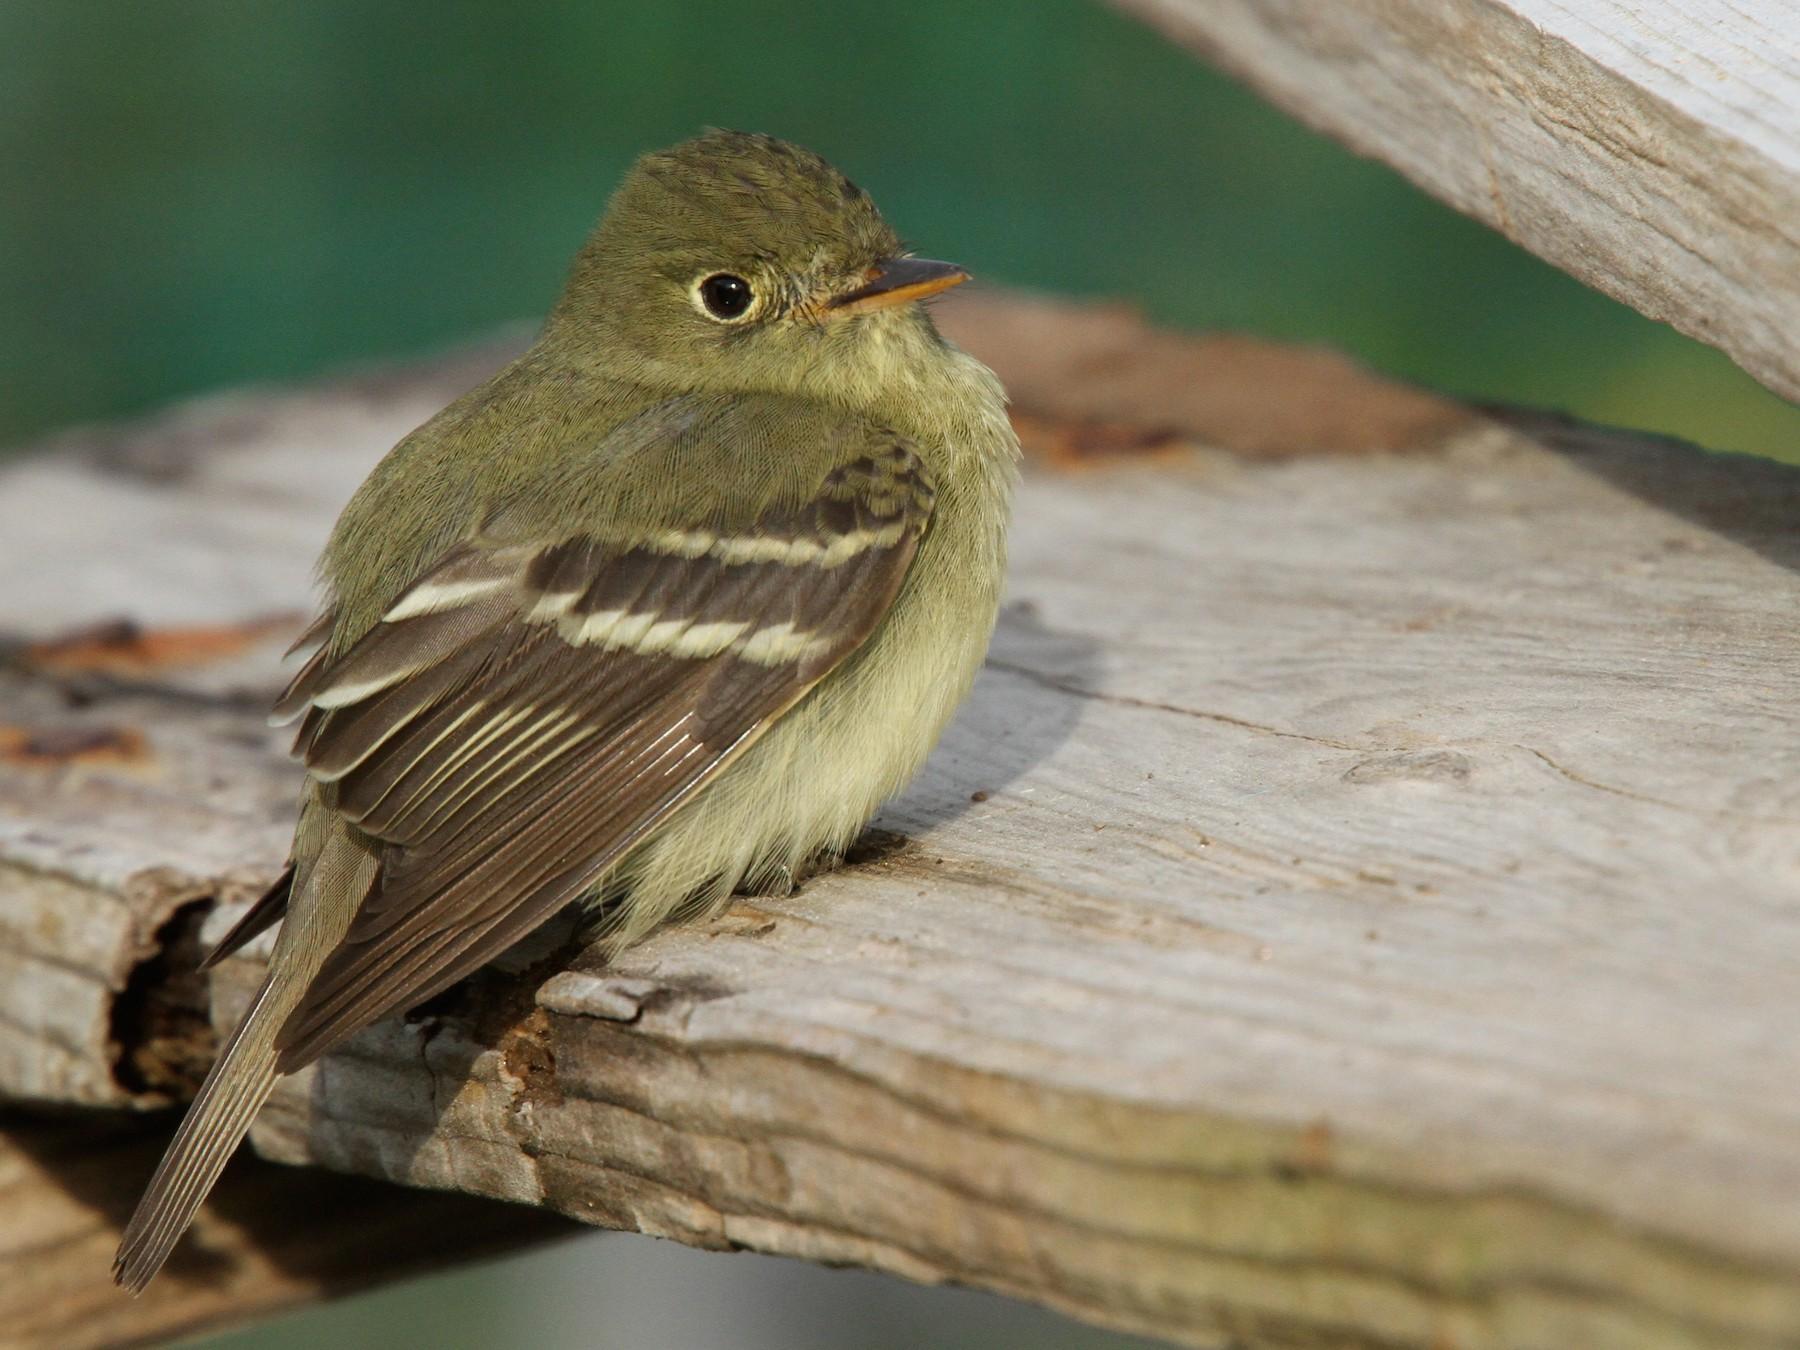 Yellow-bellied Flycatcher - Luke Seitz